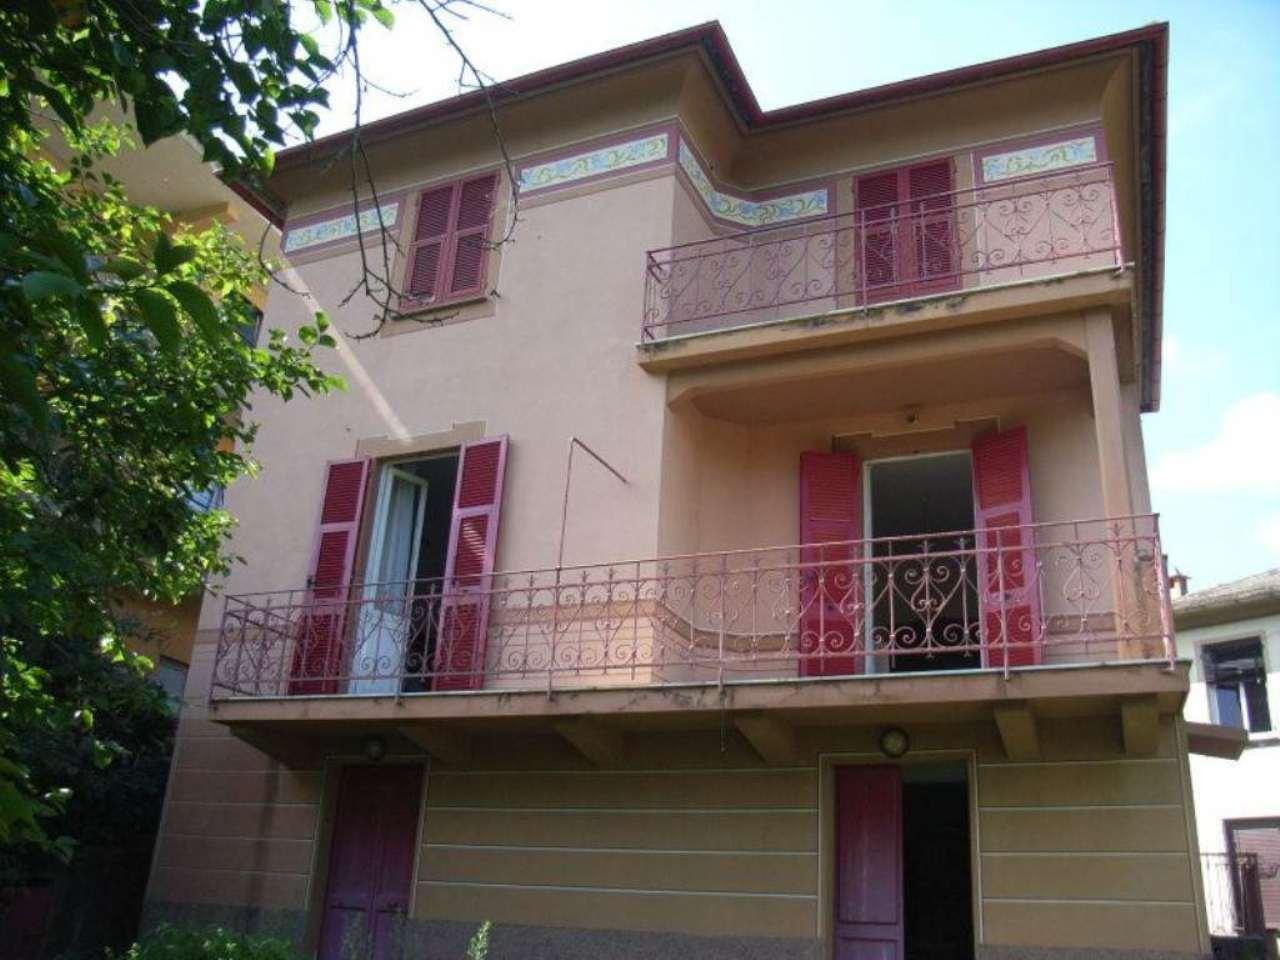 Soluzione Indipendente in vendita a Lumarzo, 8 locali, prezzo € 150.000 | CambioCasa.it